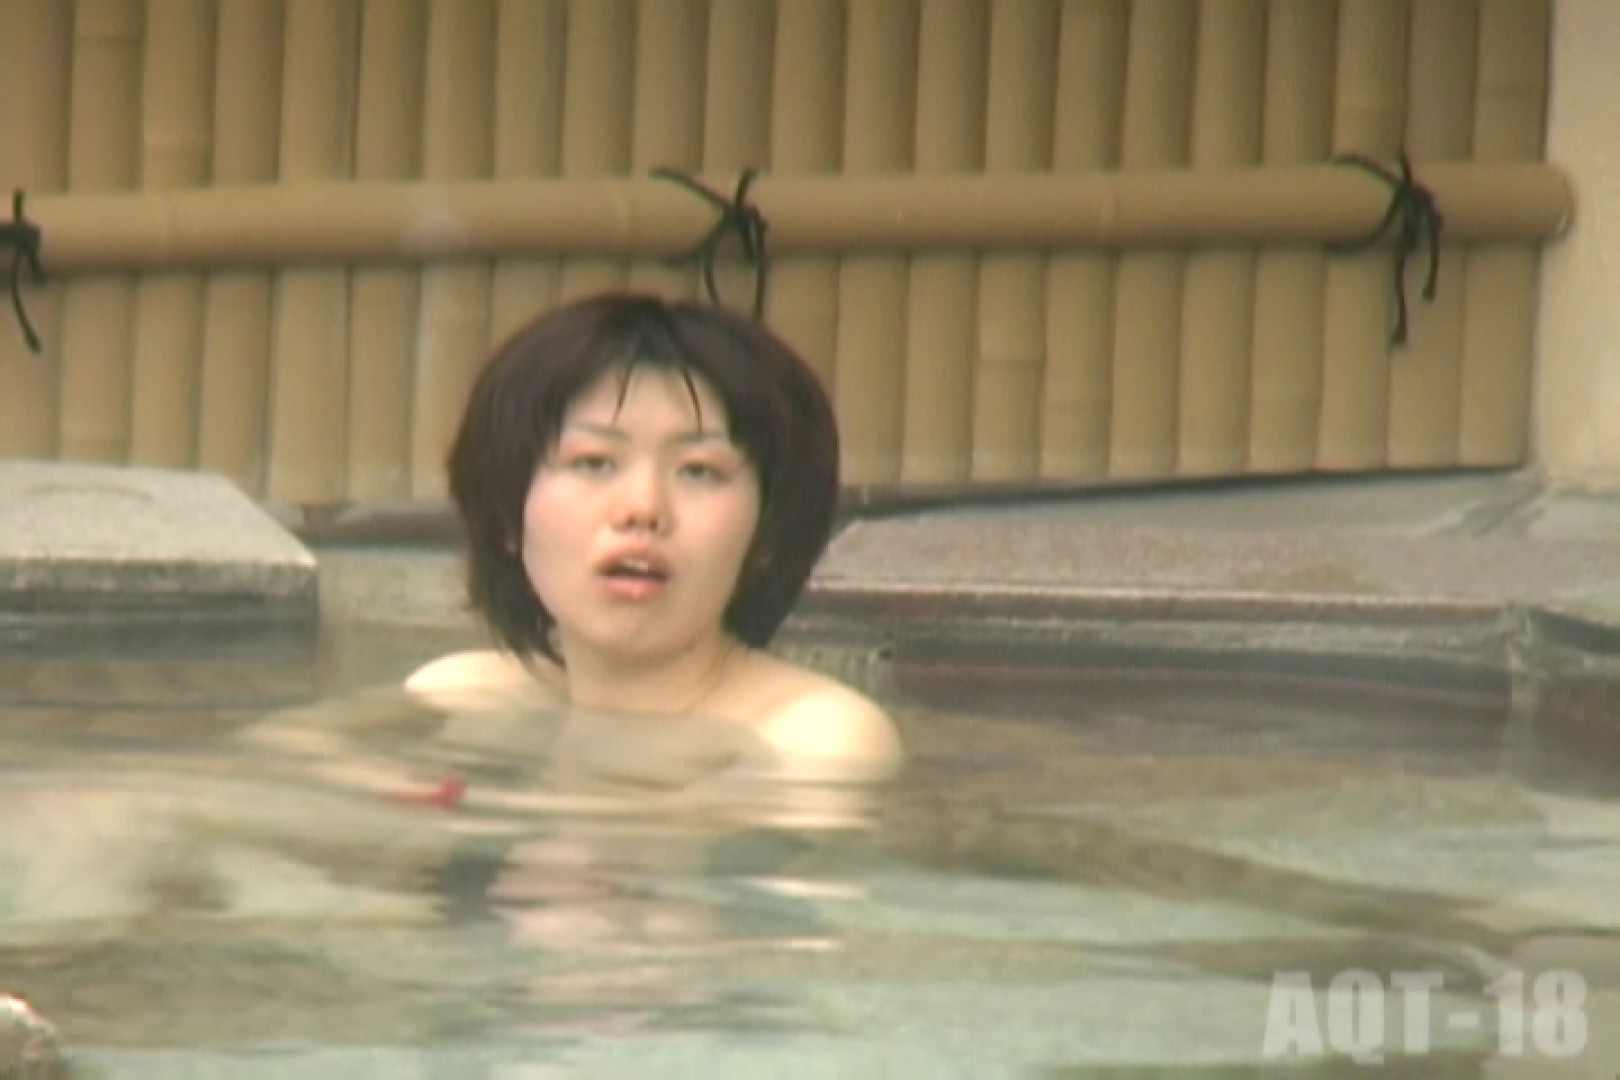 Aquaな露天風呂Vol.861 盗撮 | OLのエロ生活  107連発 28